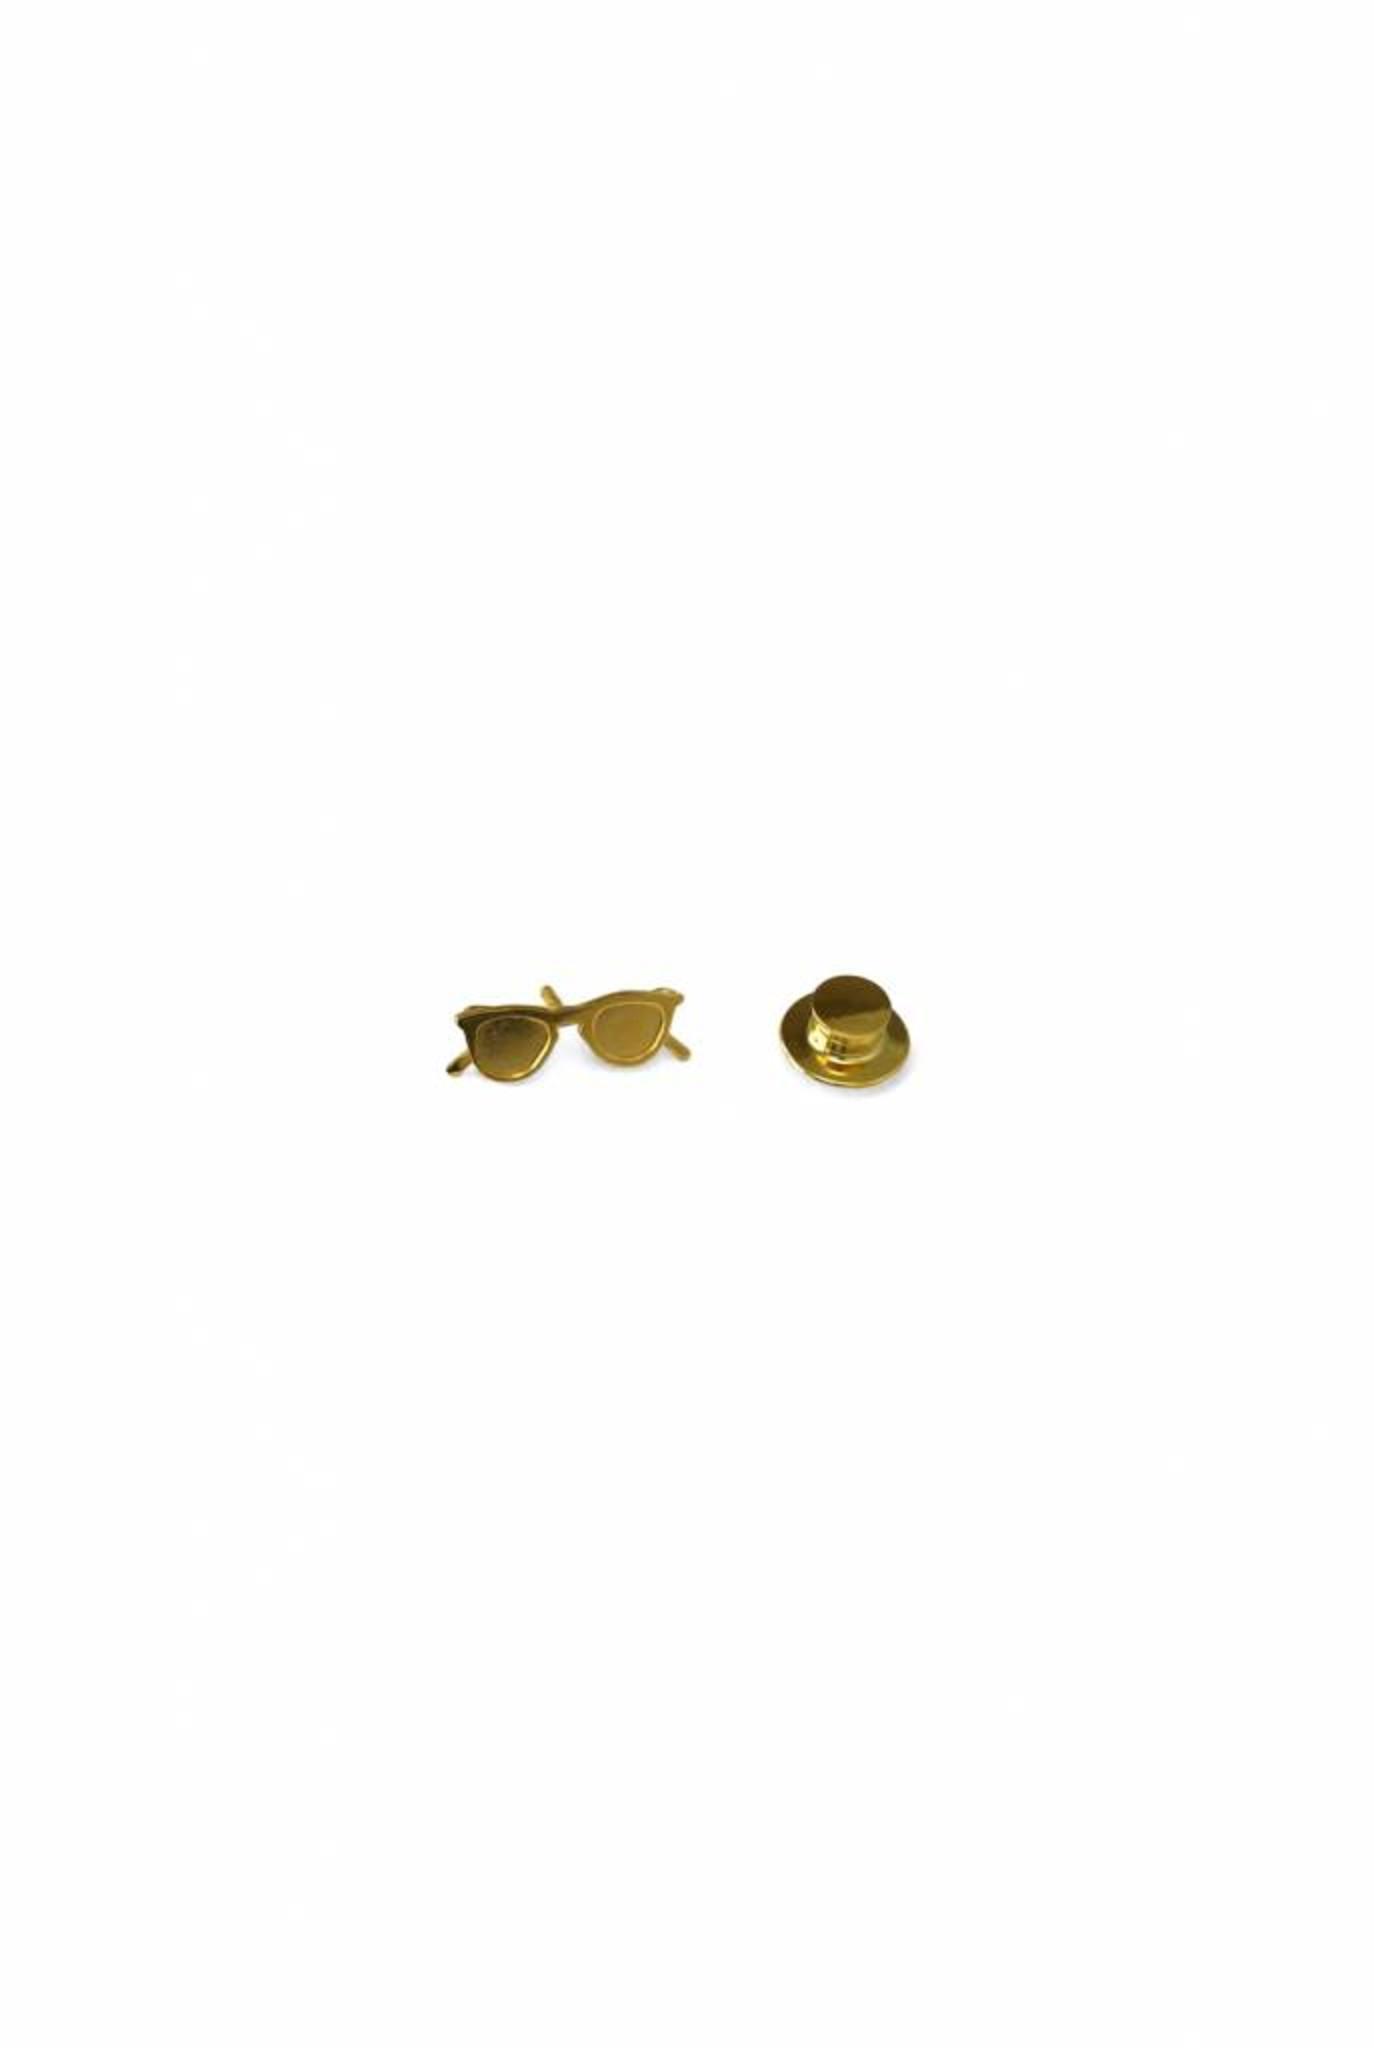 Icon brooche sunglasses